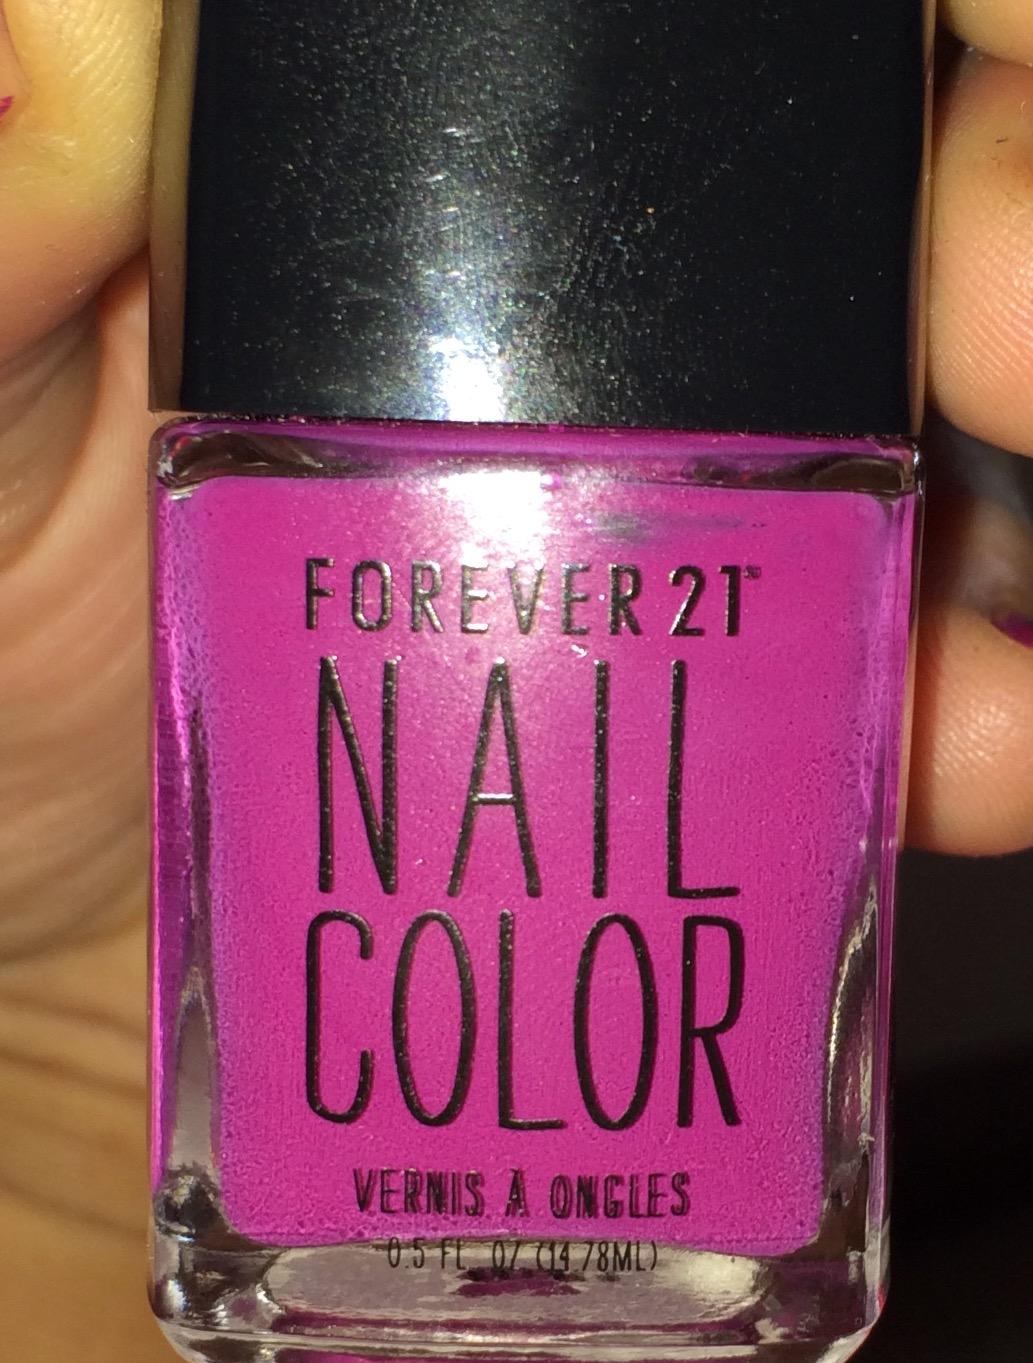 Forever 21 Nail Color Fuschia | SheSpeaks